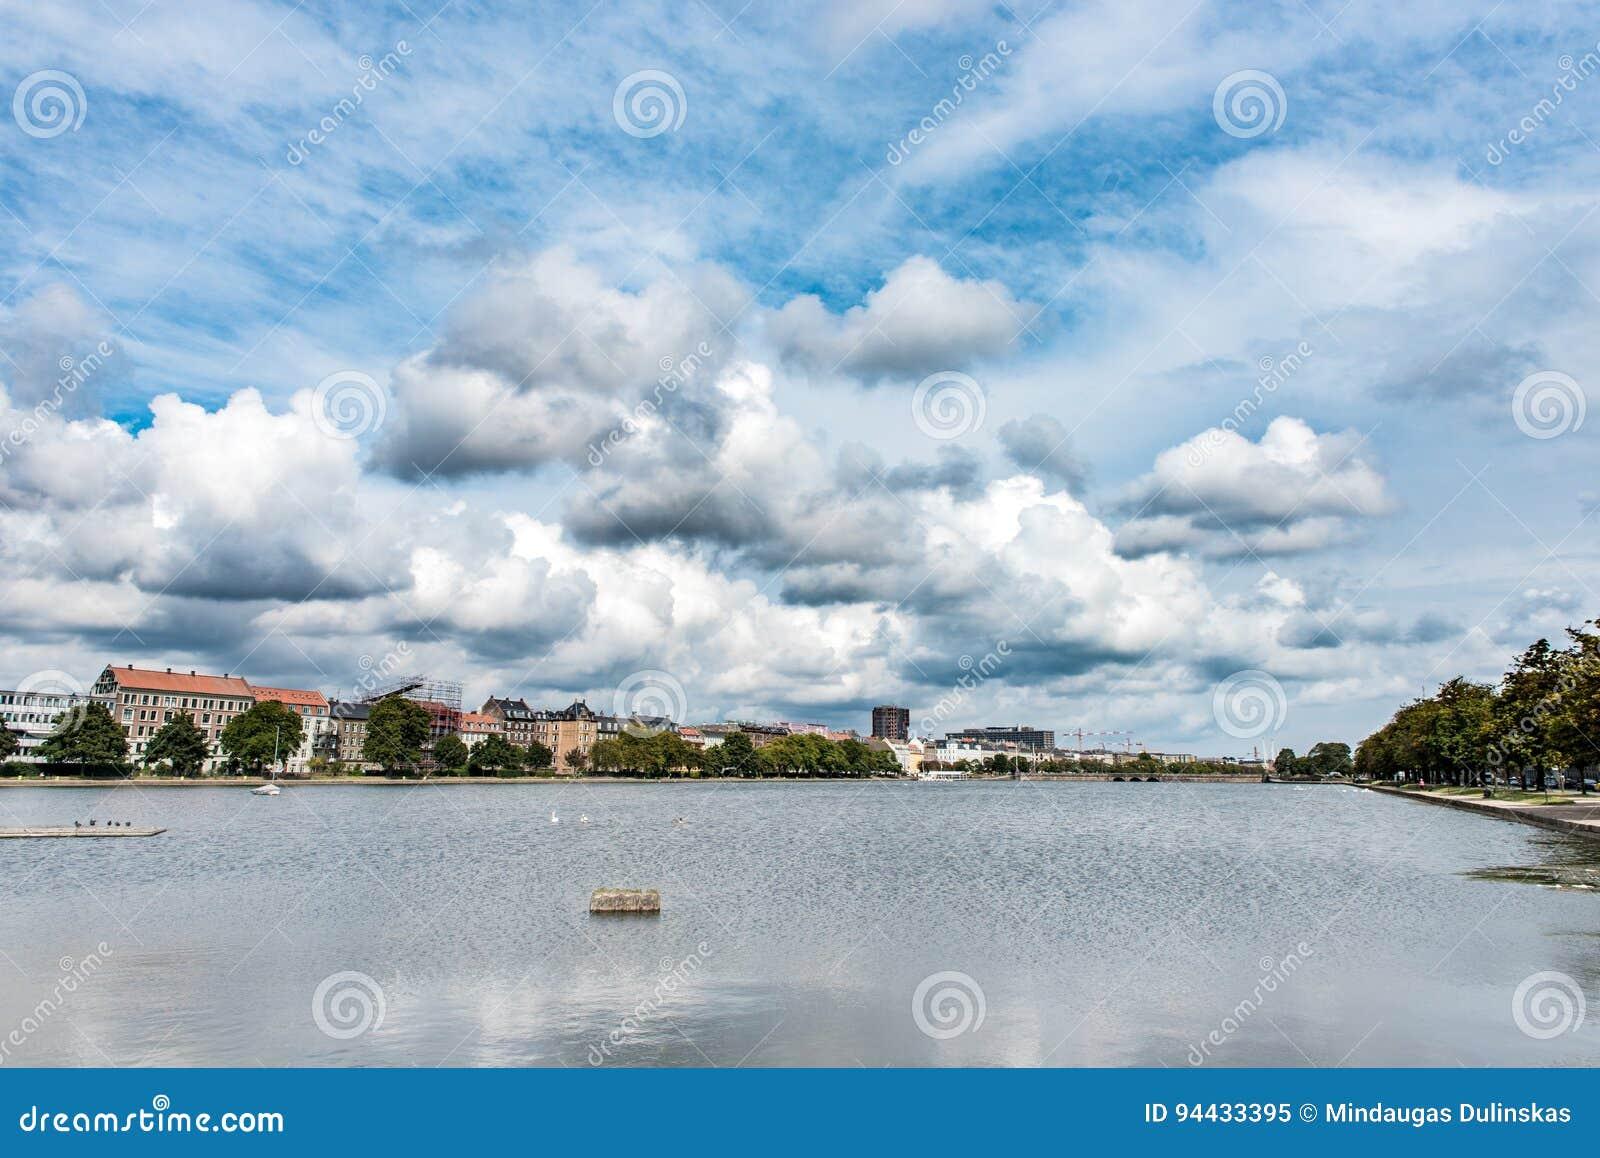 Paisaje urbano de Copenhague, Dinamarca Río y cielo azul nublado